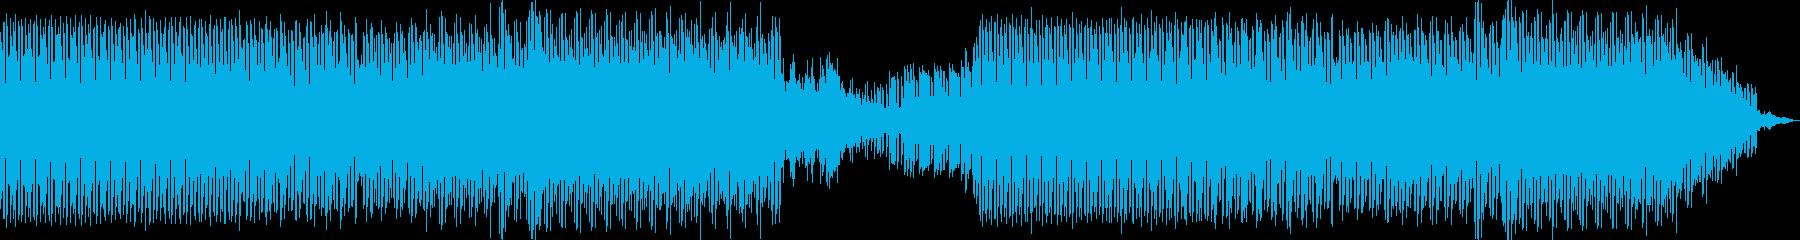 ダーク。退屈なの再生済みの波形